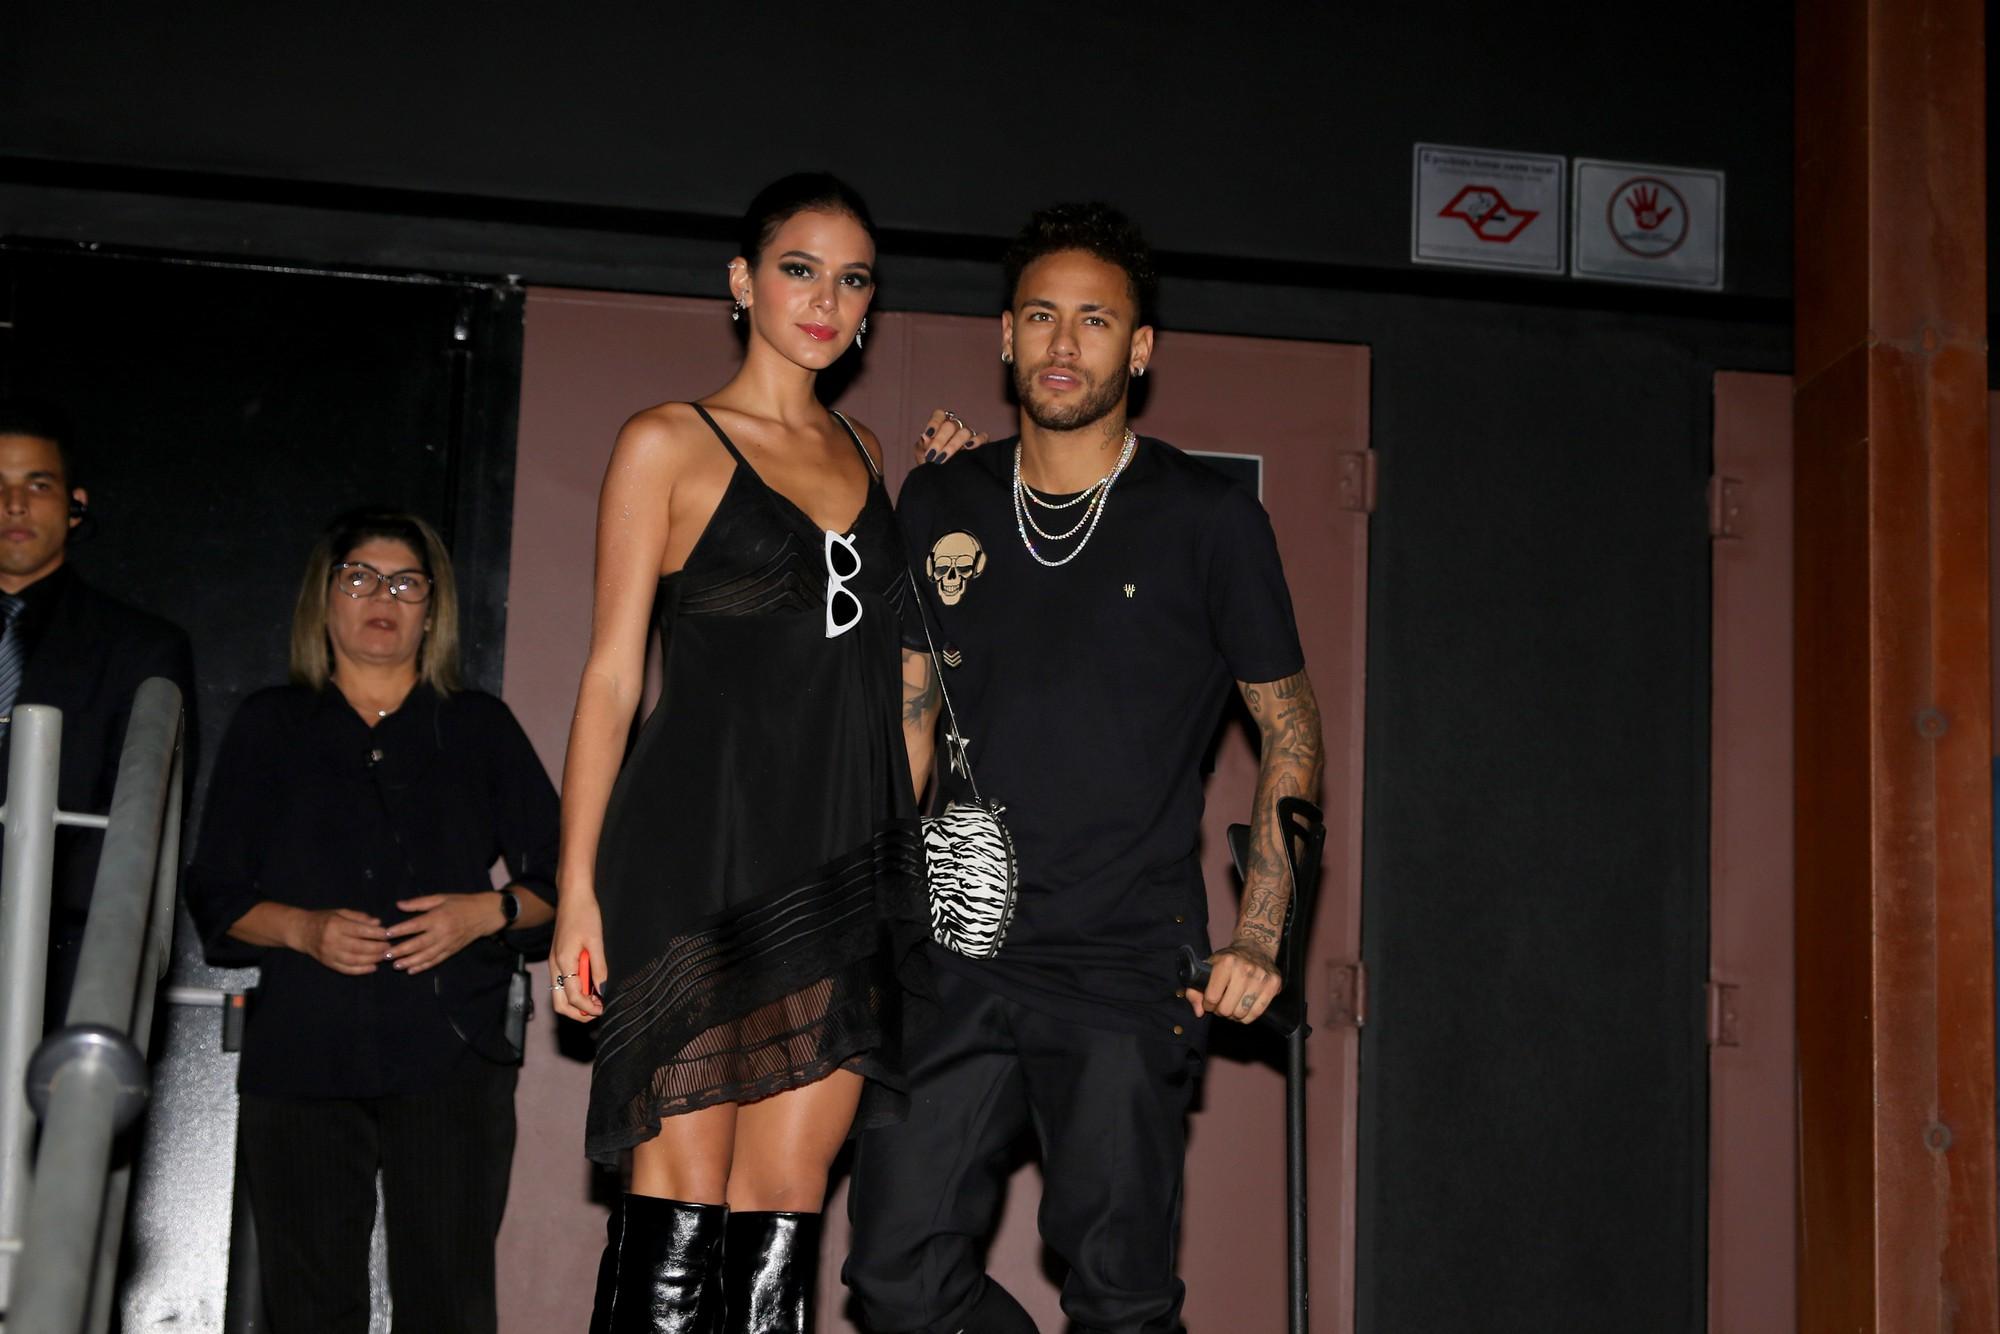 Điều ít biết về chuyện tình yêu 4 lần tan hợp của danh thủ Neymar và bạn gái được mệnh danh mỹ nhân quyến rũ nhất nhất hành tinh - Ảnh 7.